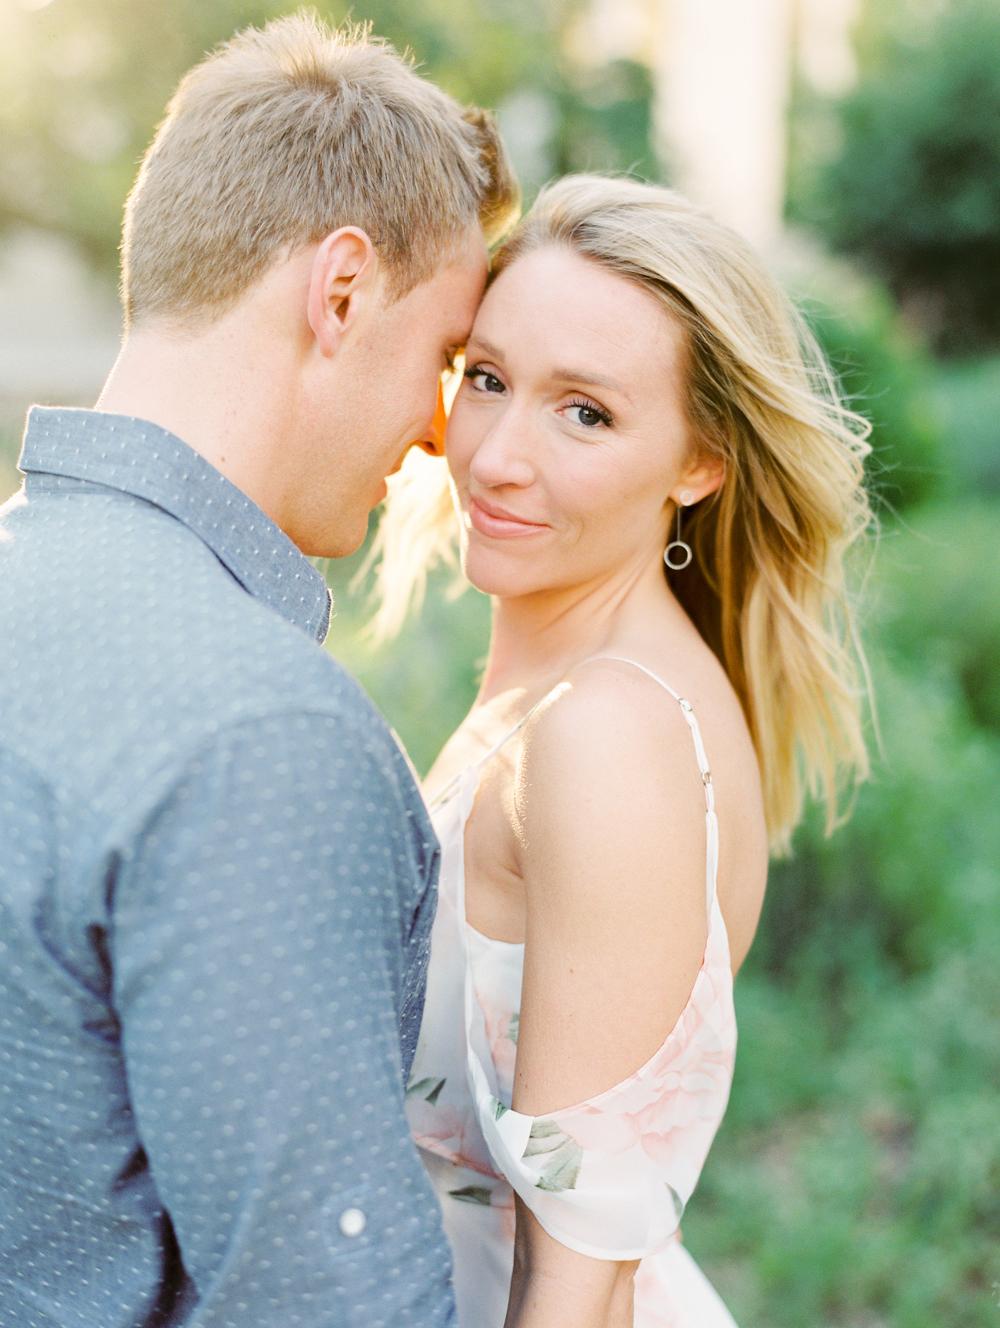 Best-Austin-Denver-California-Wedding-Photographers-fine-art-film-Engagement-Session-79.jpg